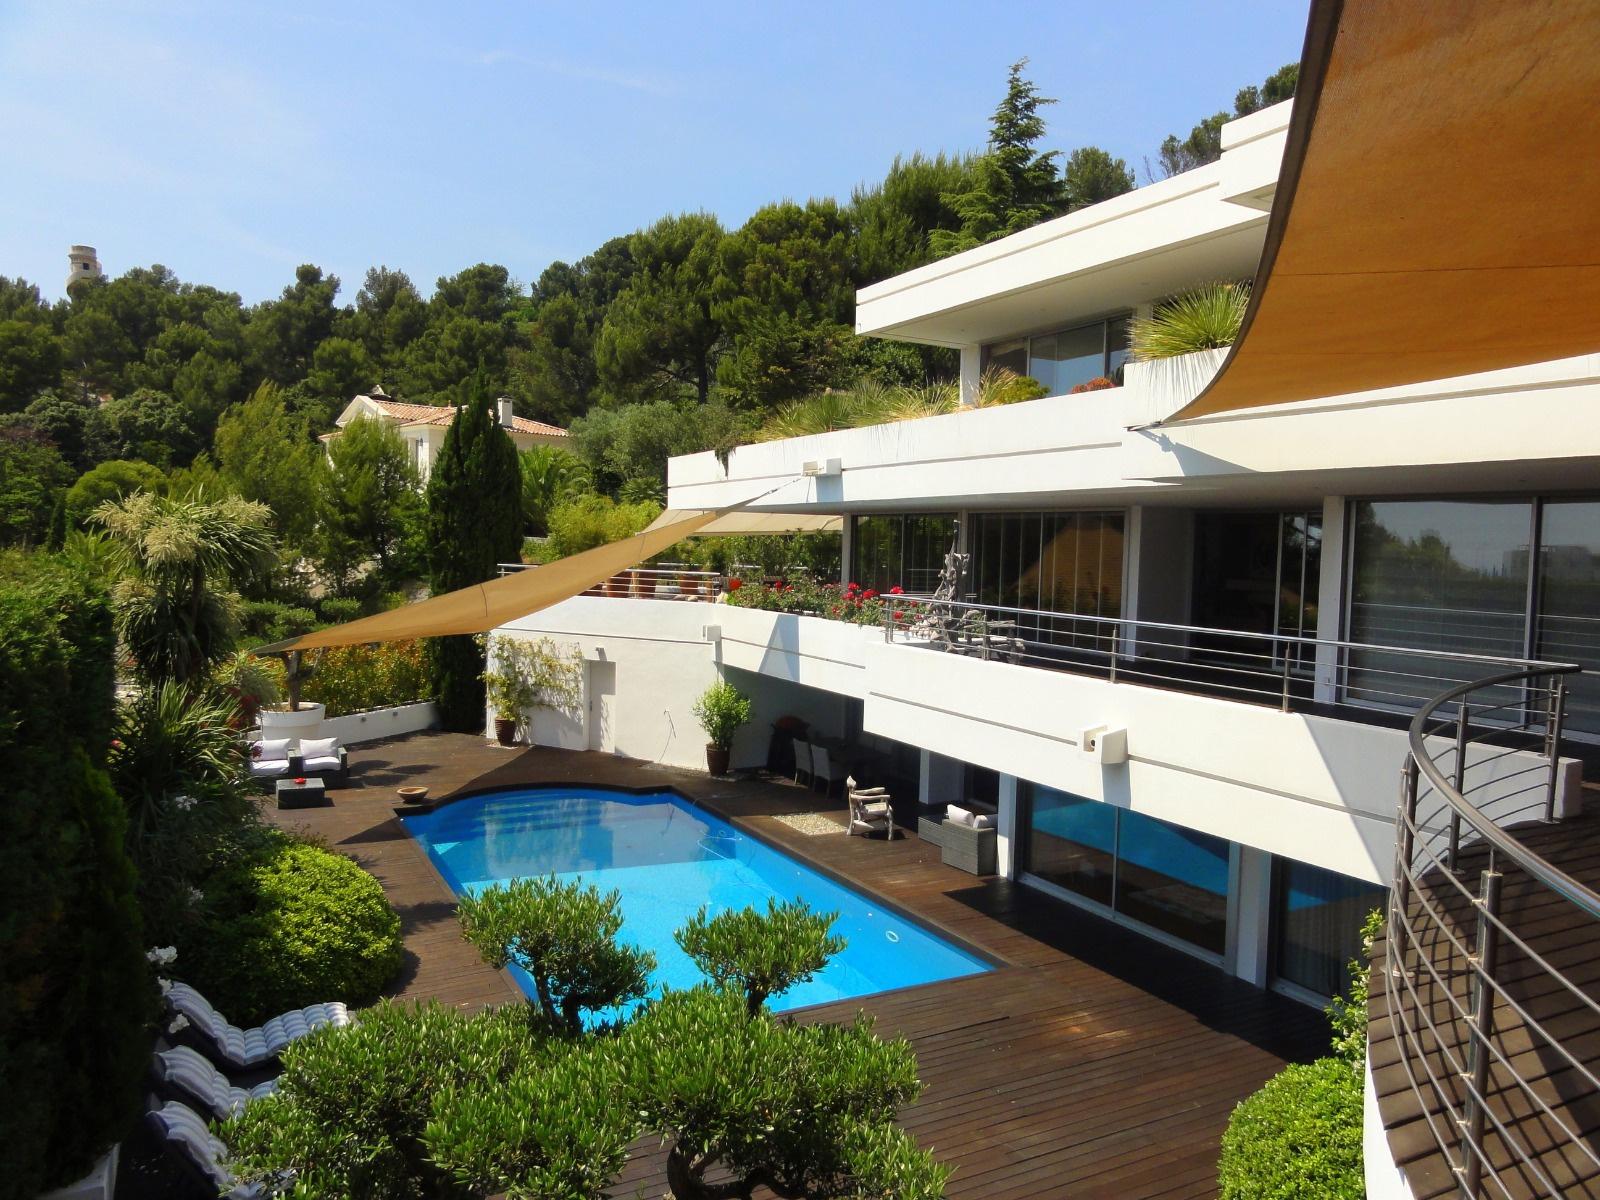 Annonces achat maisons et villas marseille 13008 cassis for Achat maison 13007